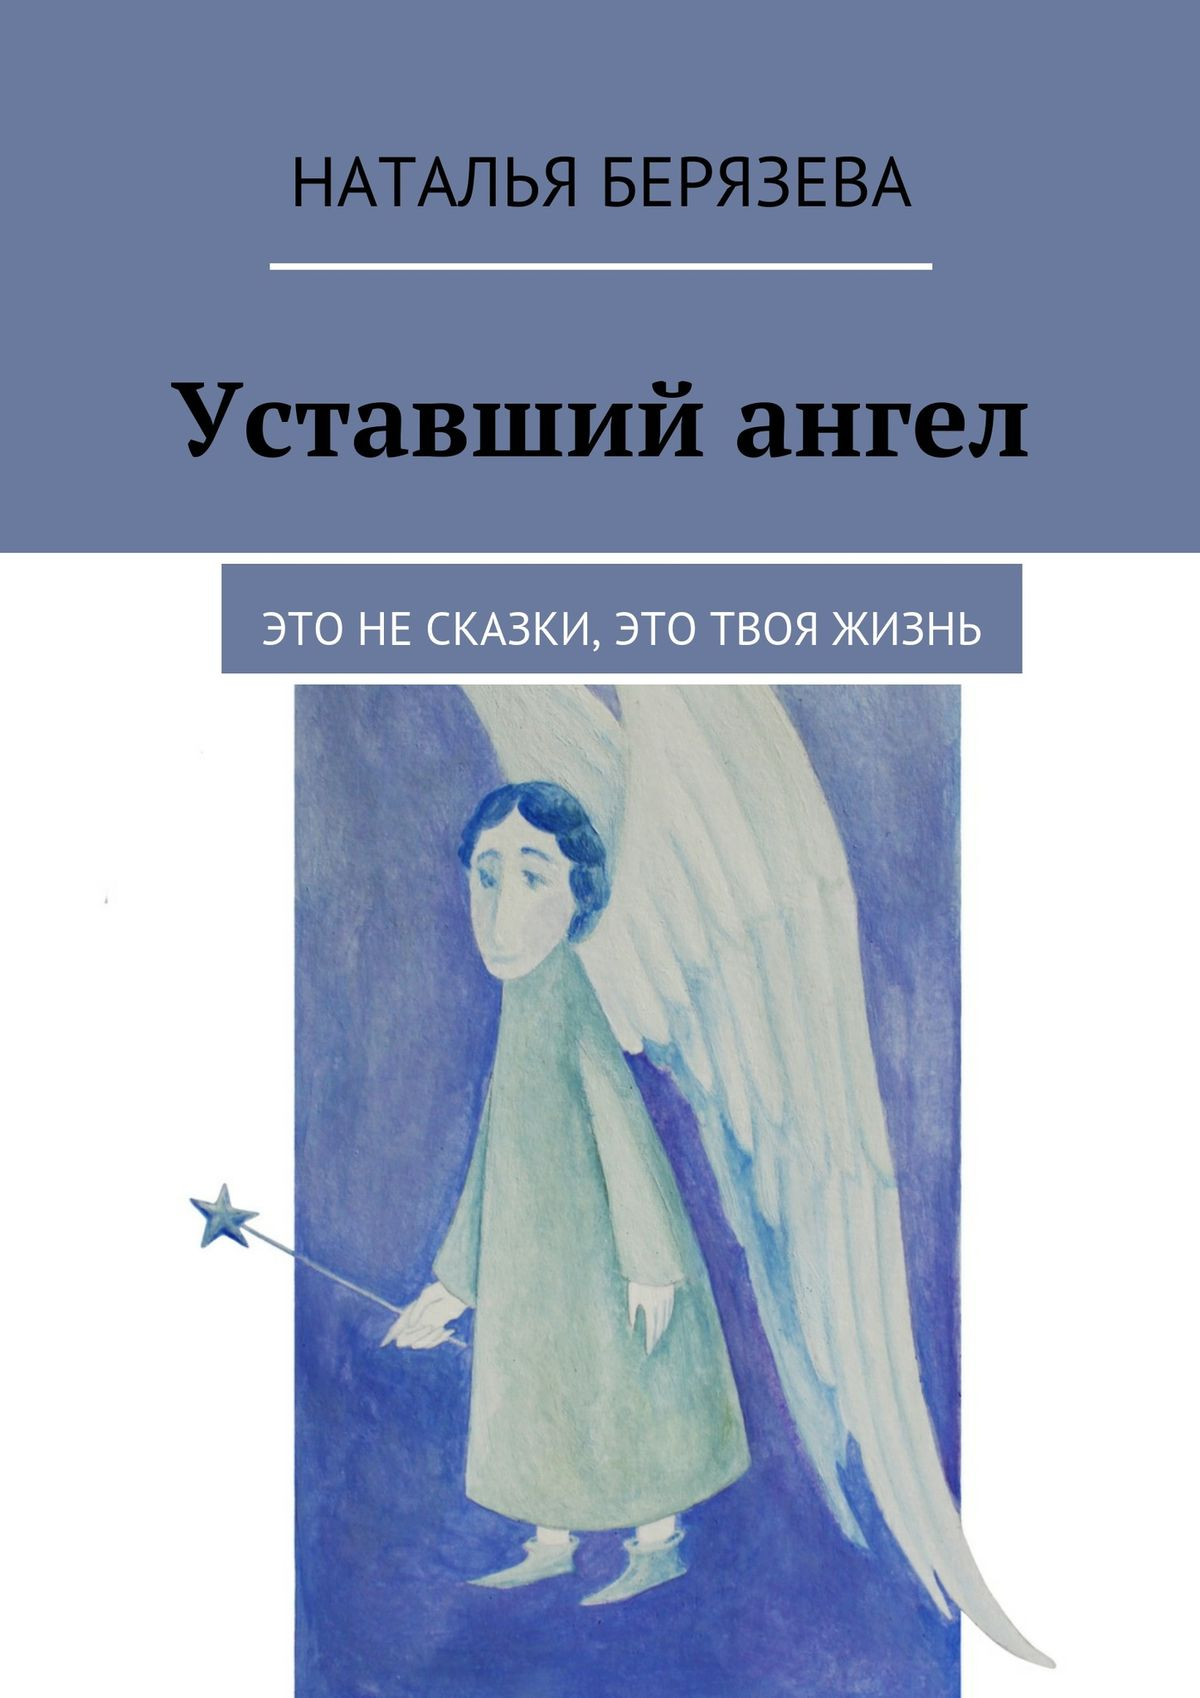 Наталья Александровна Берязева Уставший ангел цена и фото